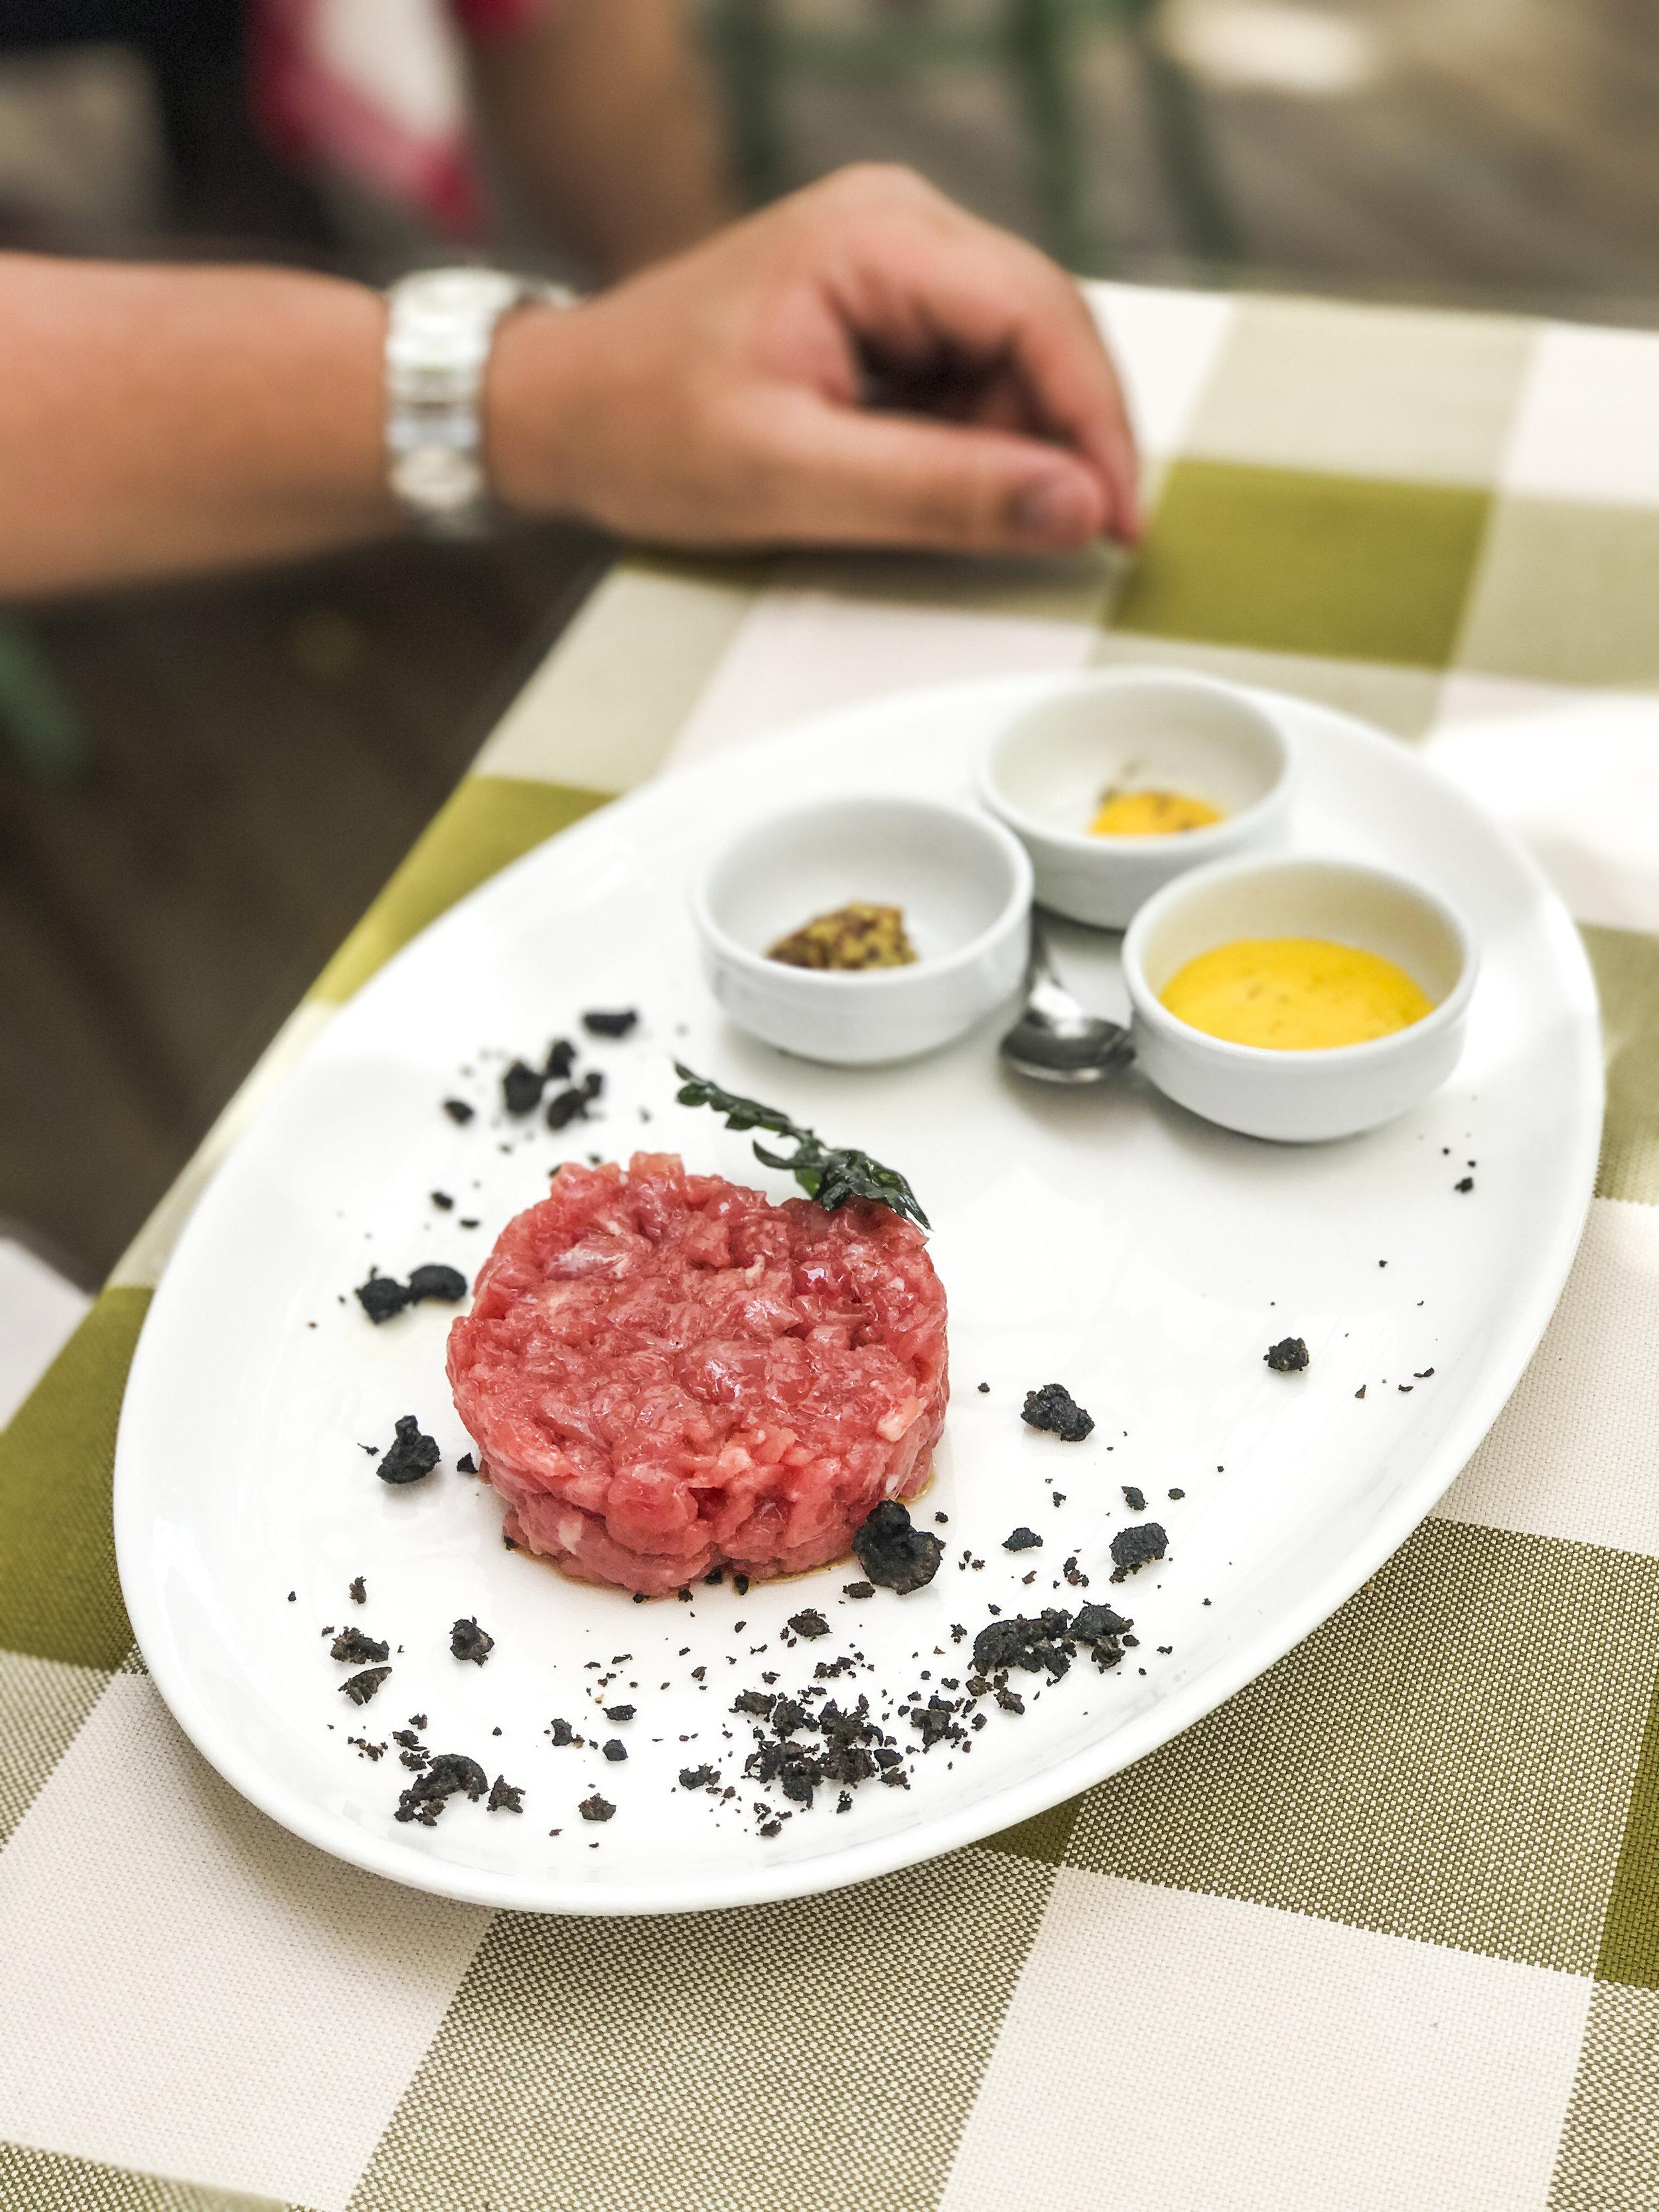 Tartare di manzo battuta al coltello con i suoi condimenti ~ Beef tartare, with dressings on side